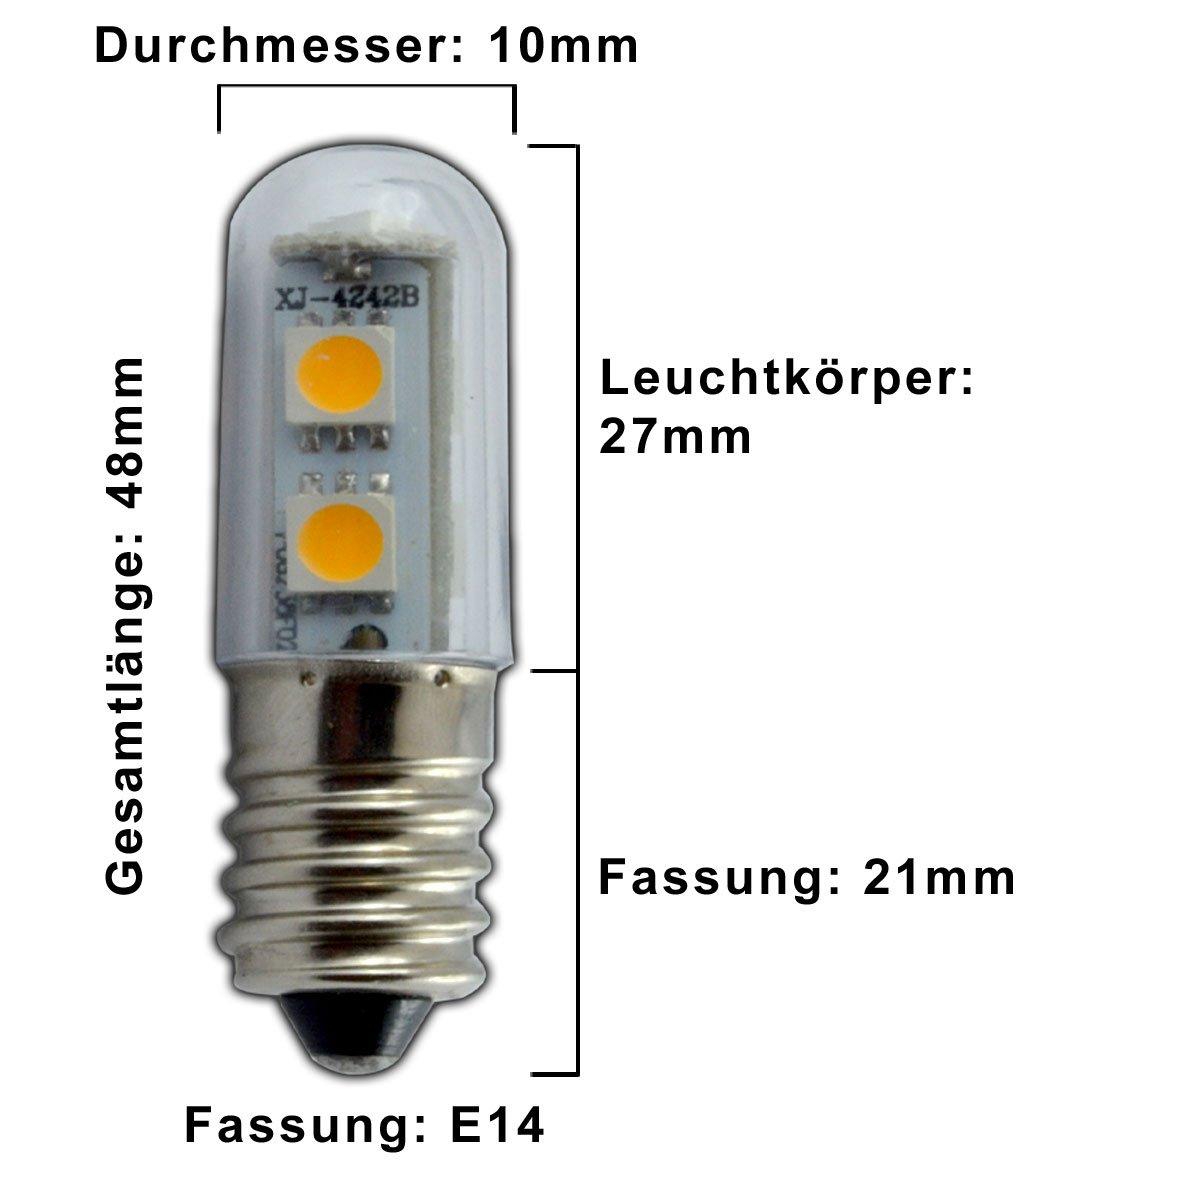 PB-Versand 3 bombillas led pequeñas, E14/SES, 1 W, blanco frío, para frigorífico o máquina de coser: Amazon.es: Iluminación